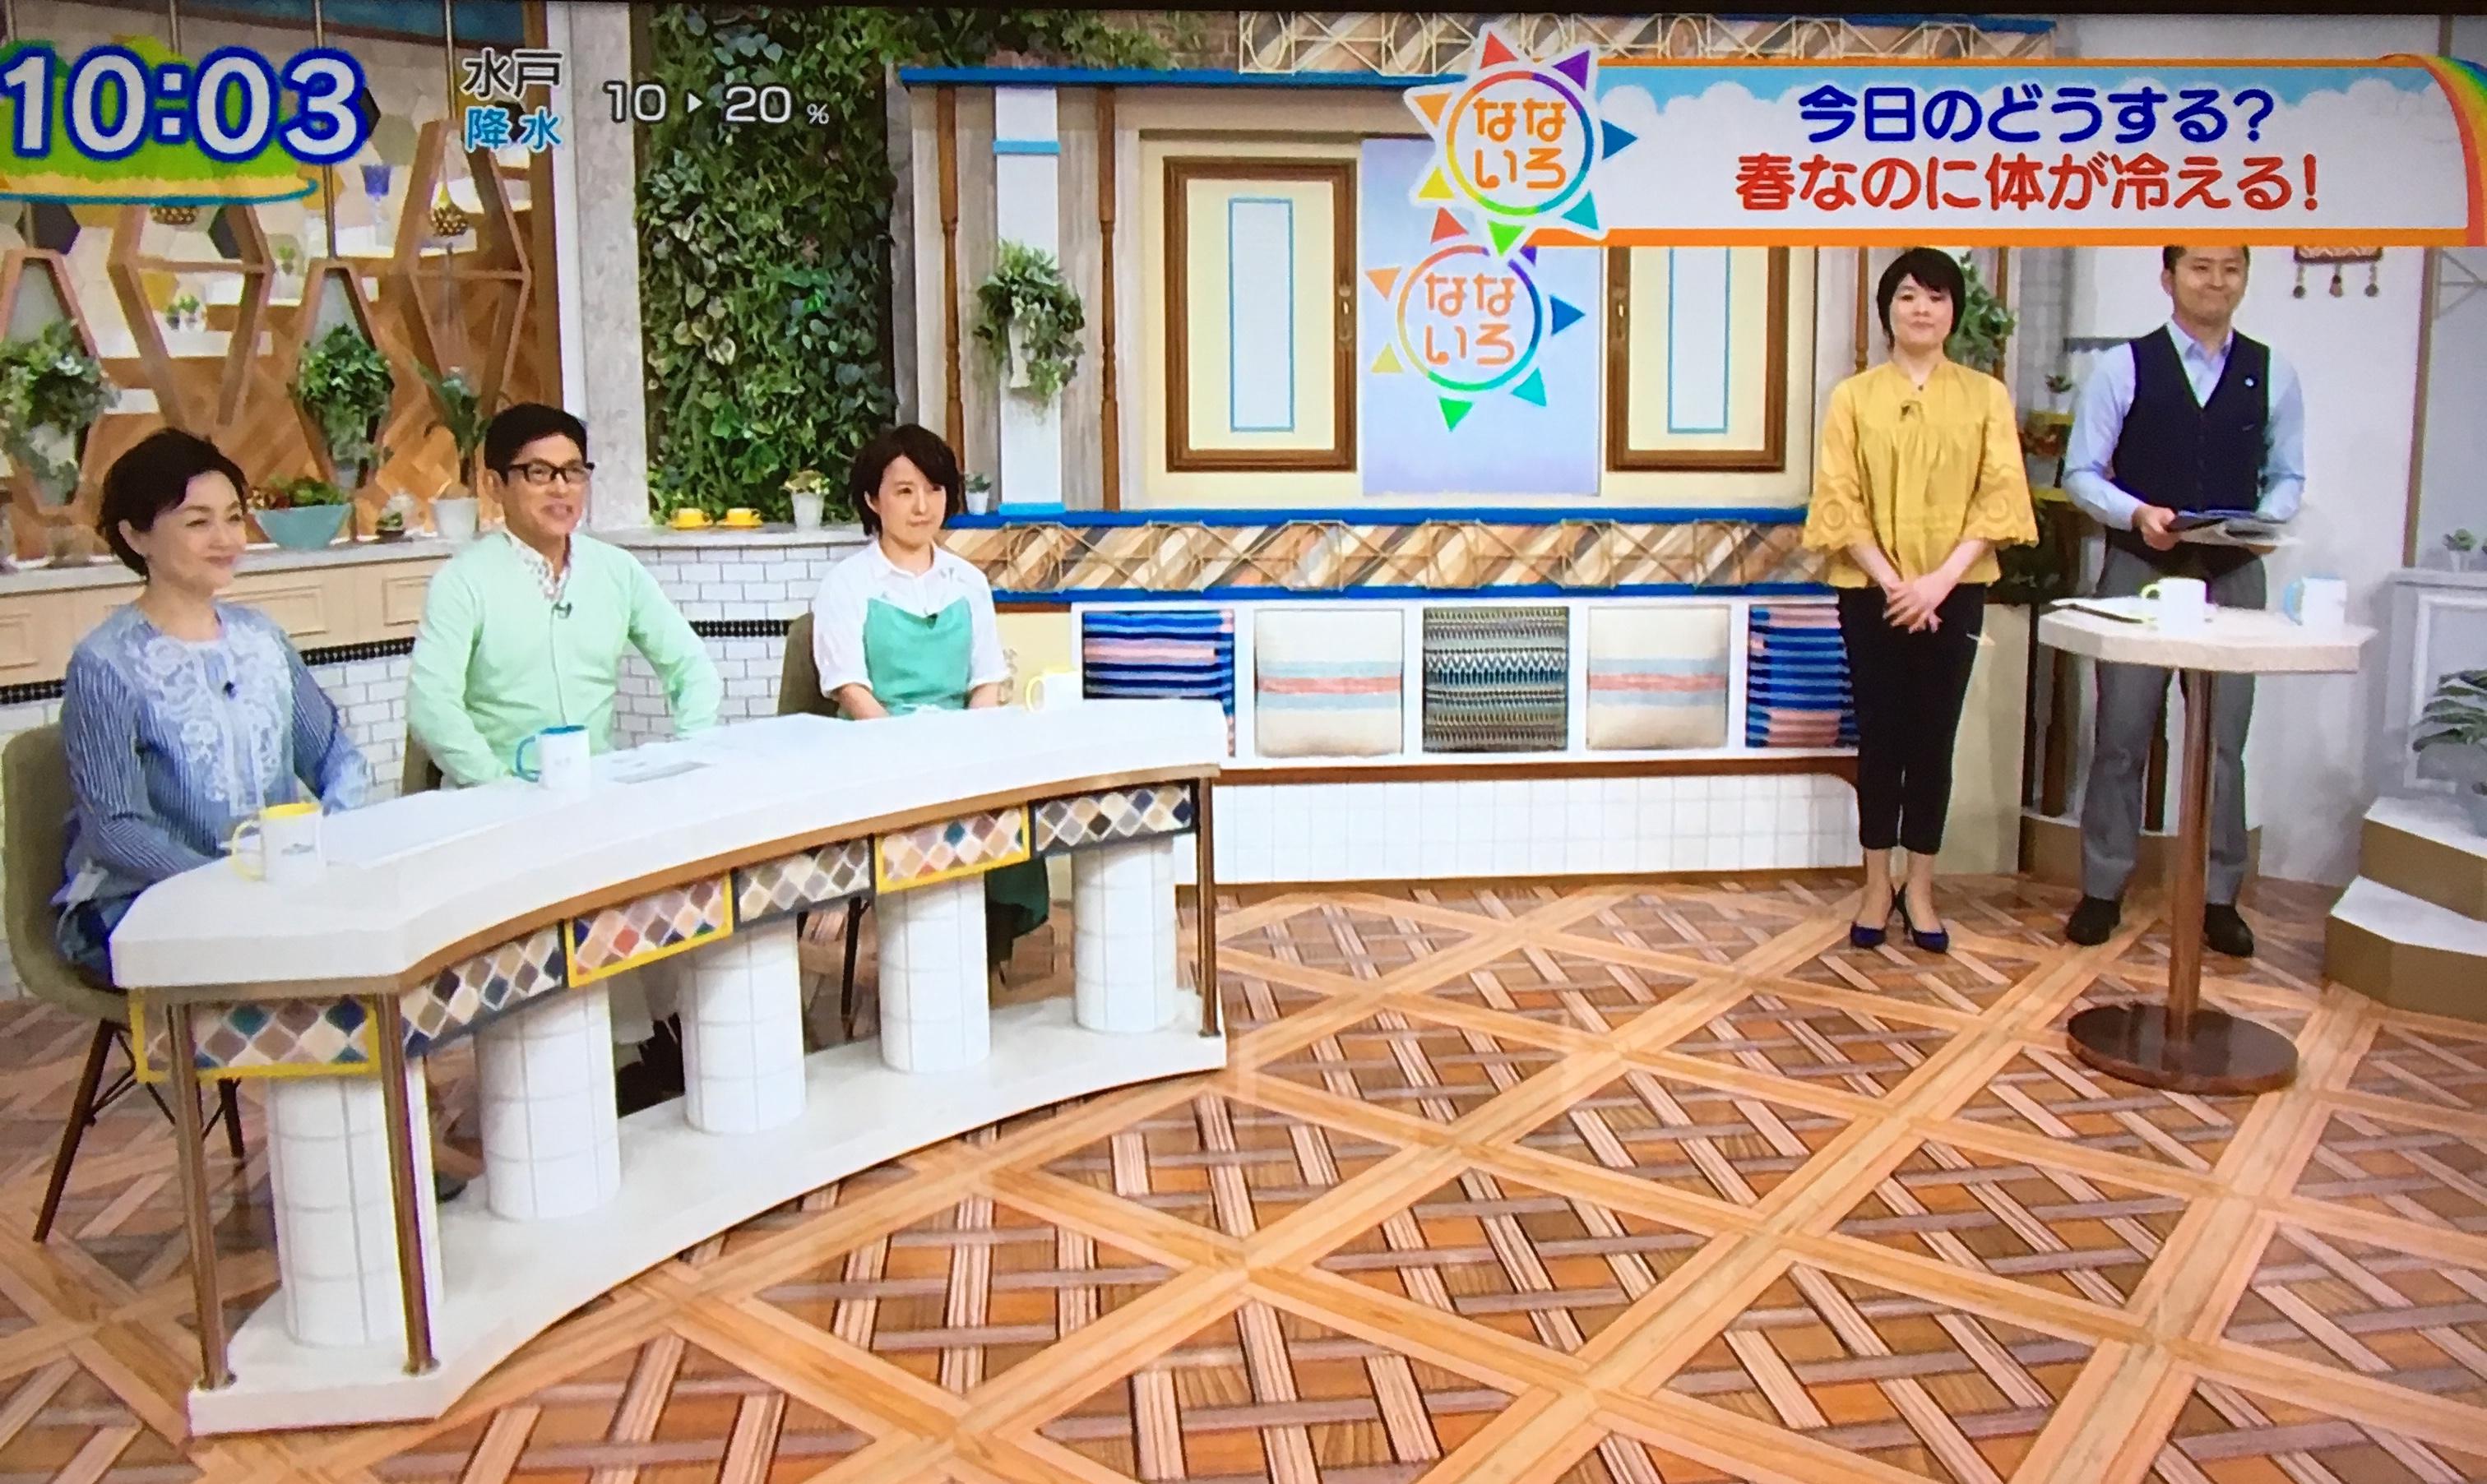 【テレビ出演】テレビ東京「なないろ日和」レシピと解説&次男君のクラス